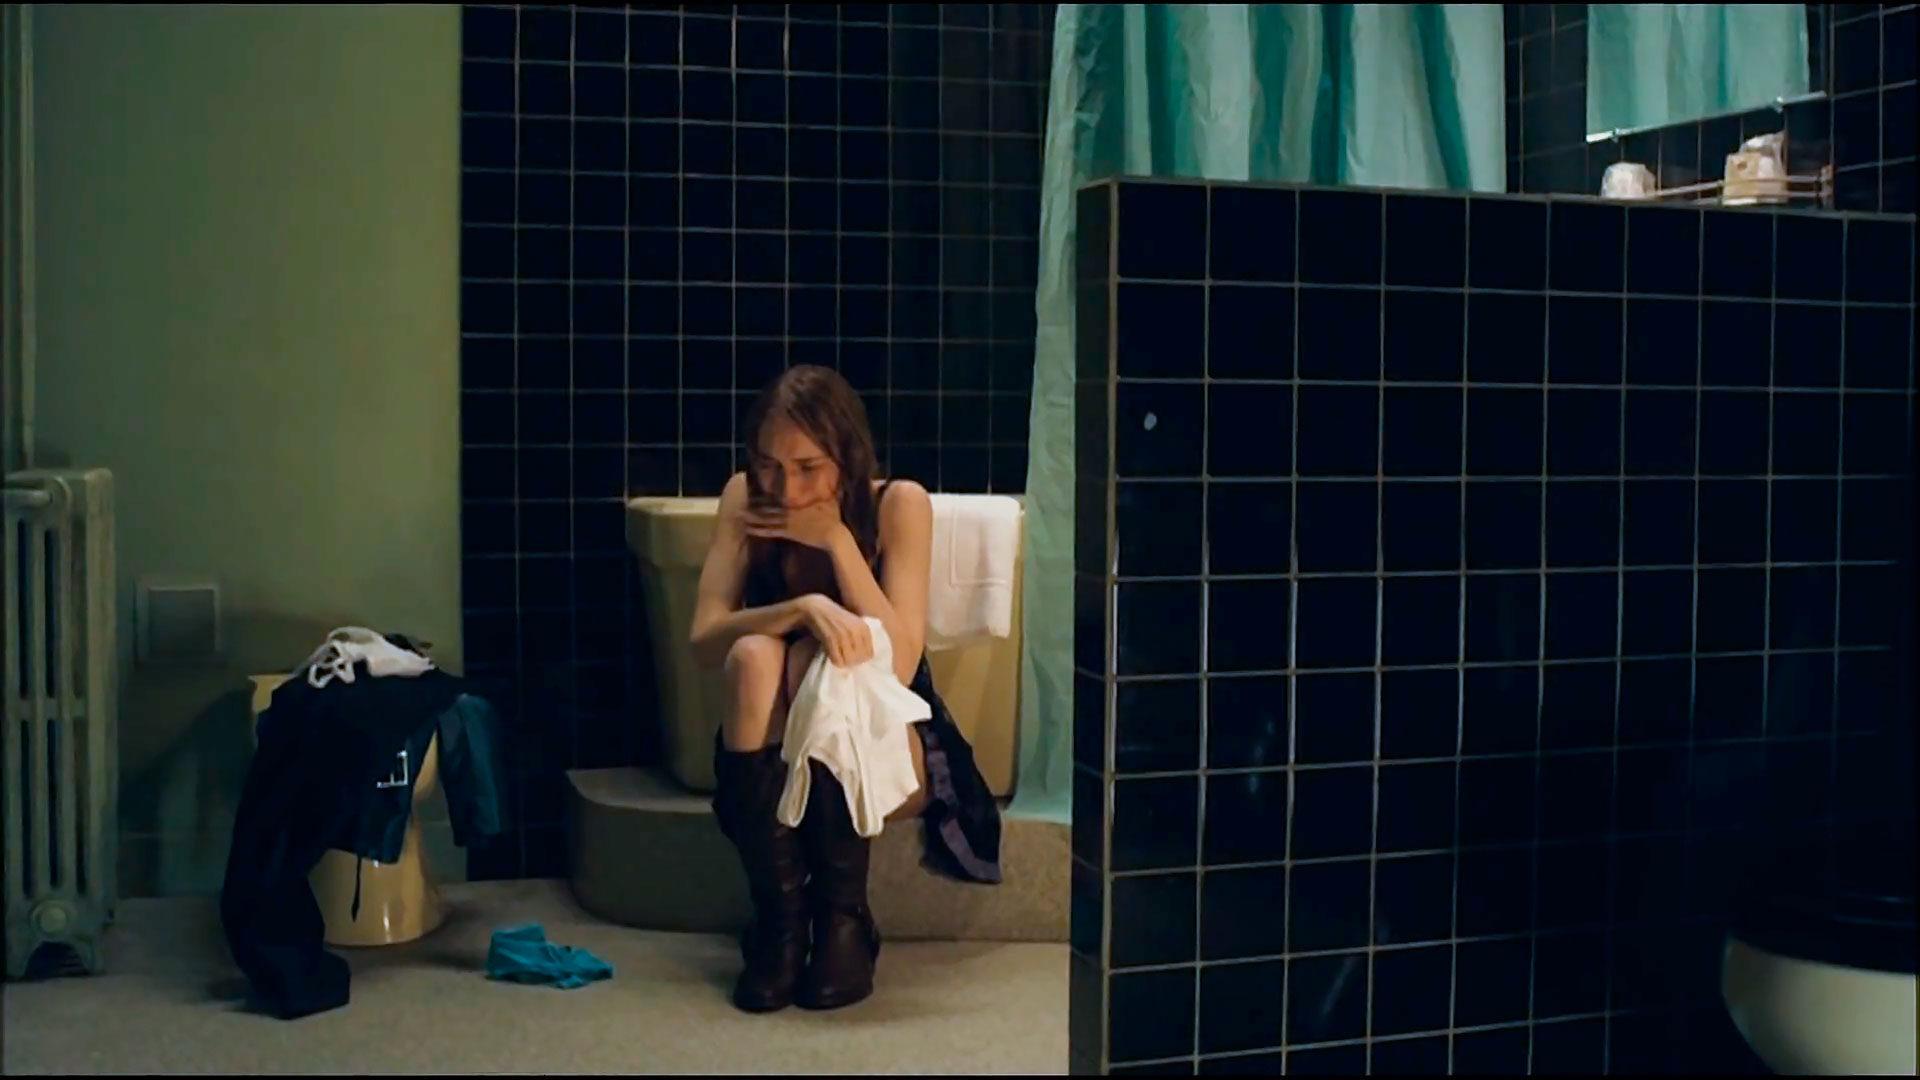 Студентка по вызову / Mes chères études / Student Services (2010 Эмманюэль Берко)